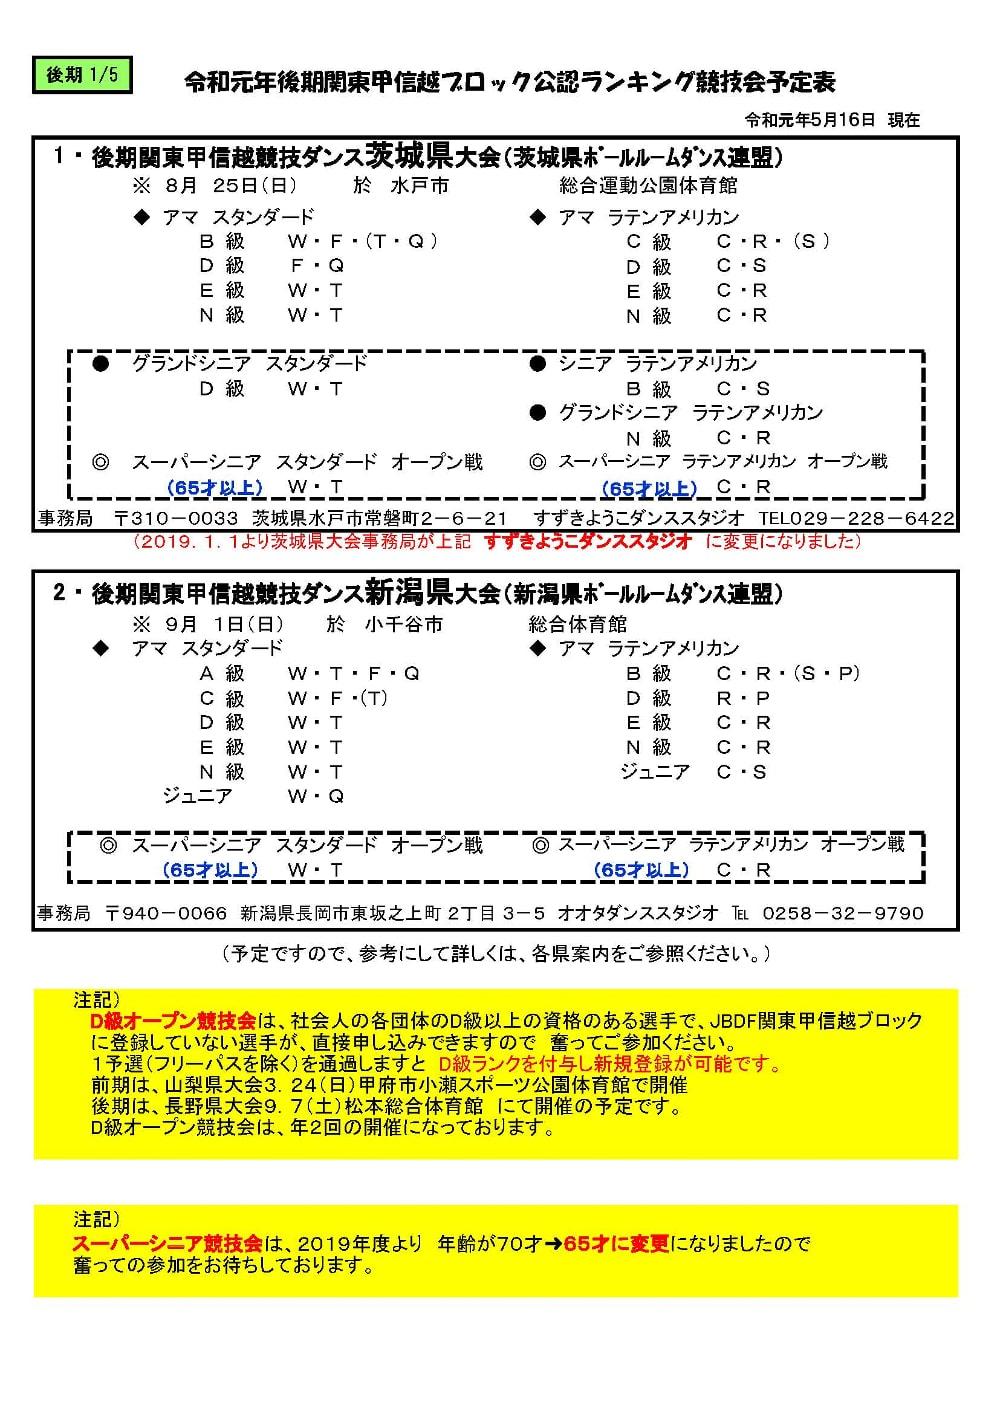 JBDF関東甲信越ブロック 競技会 2019年 後期